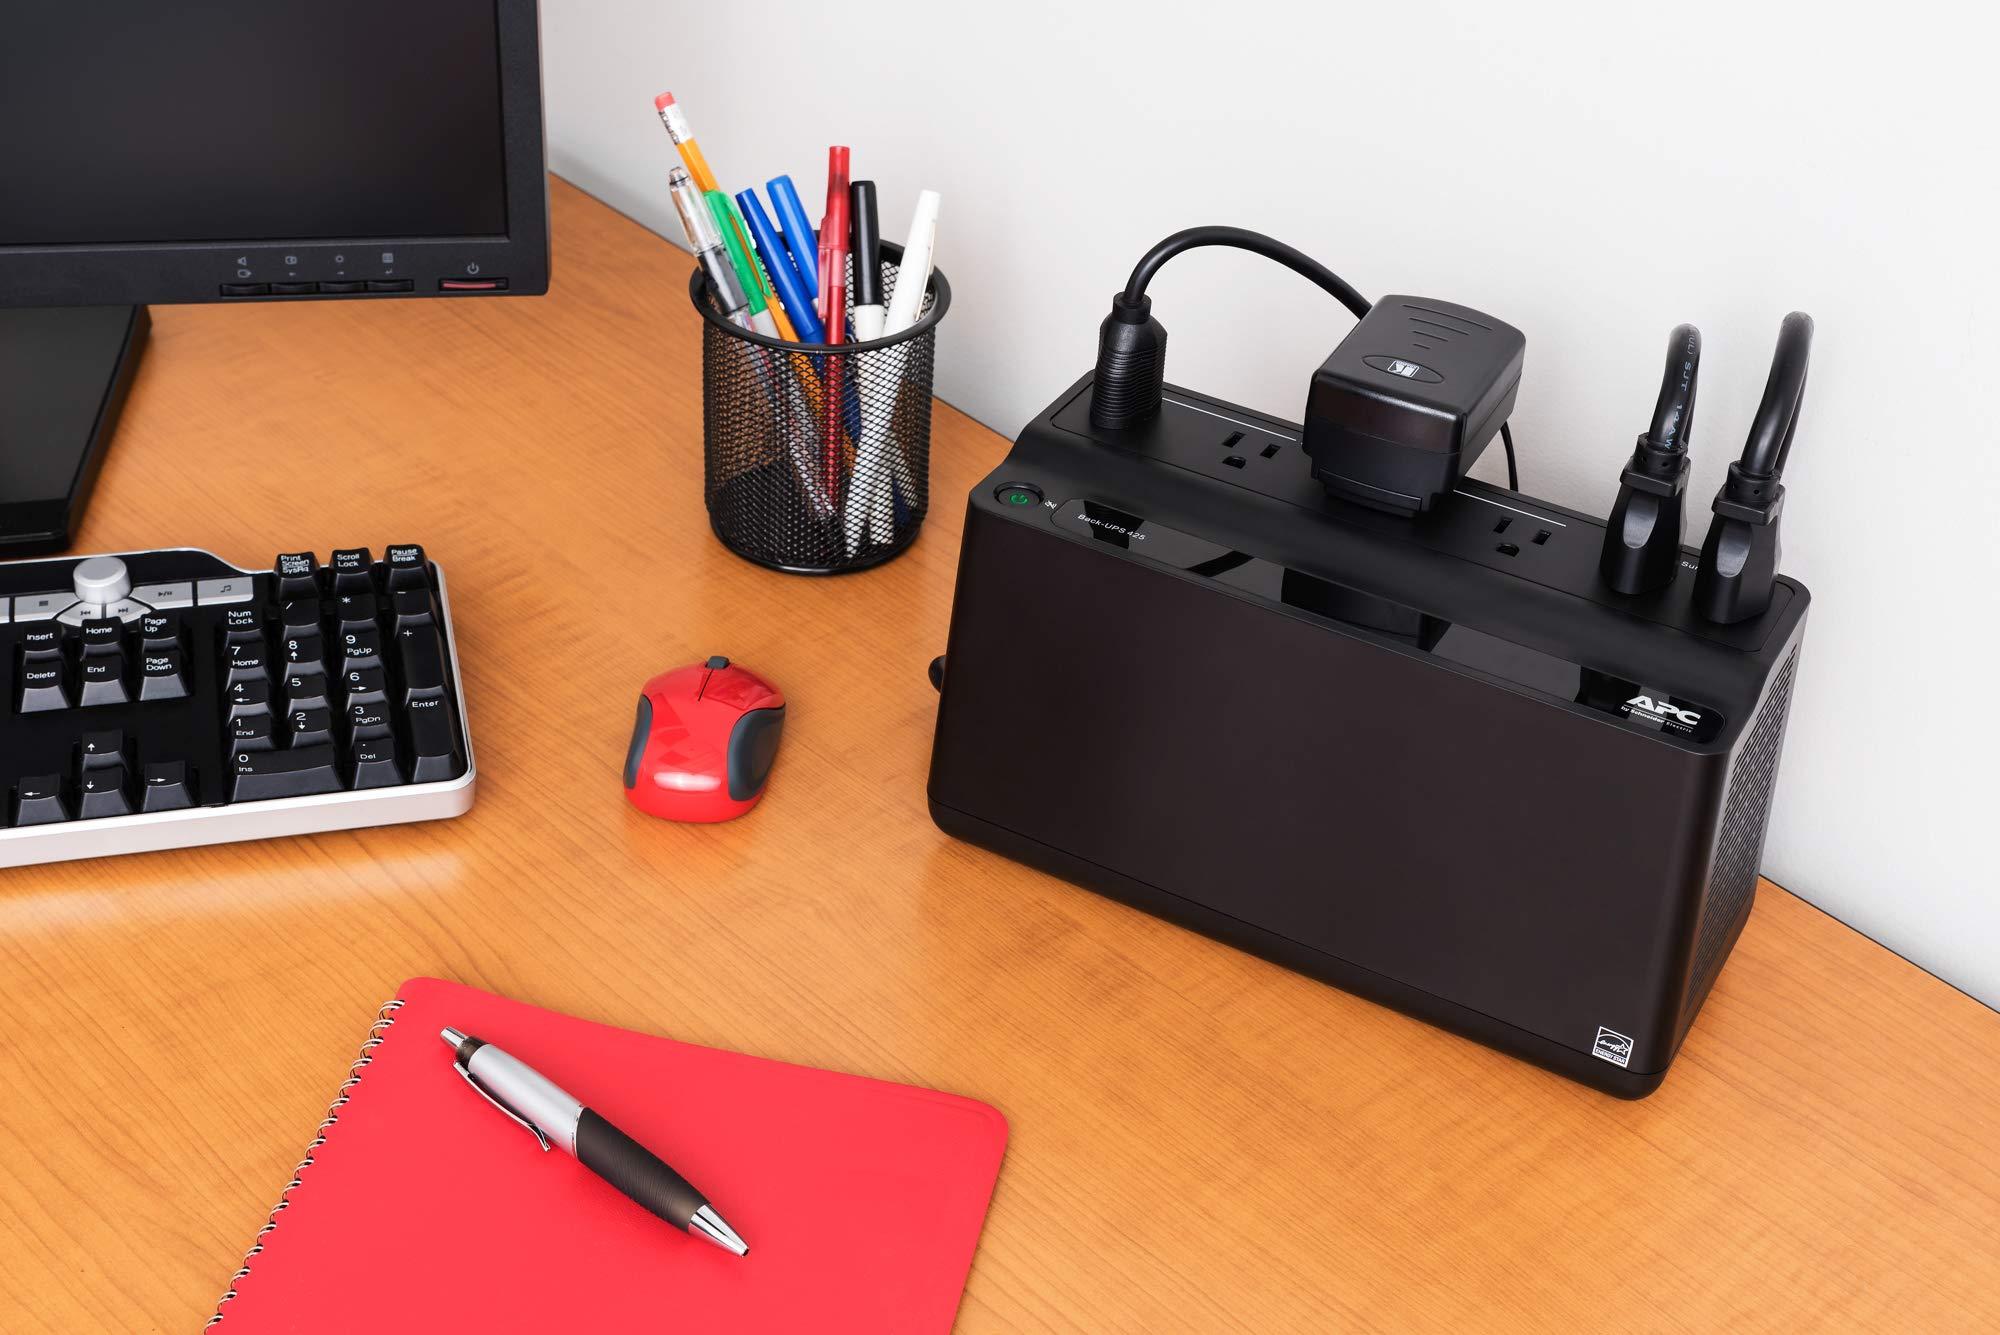 APC UPS Battery Backup & Surge Protector 3